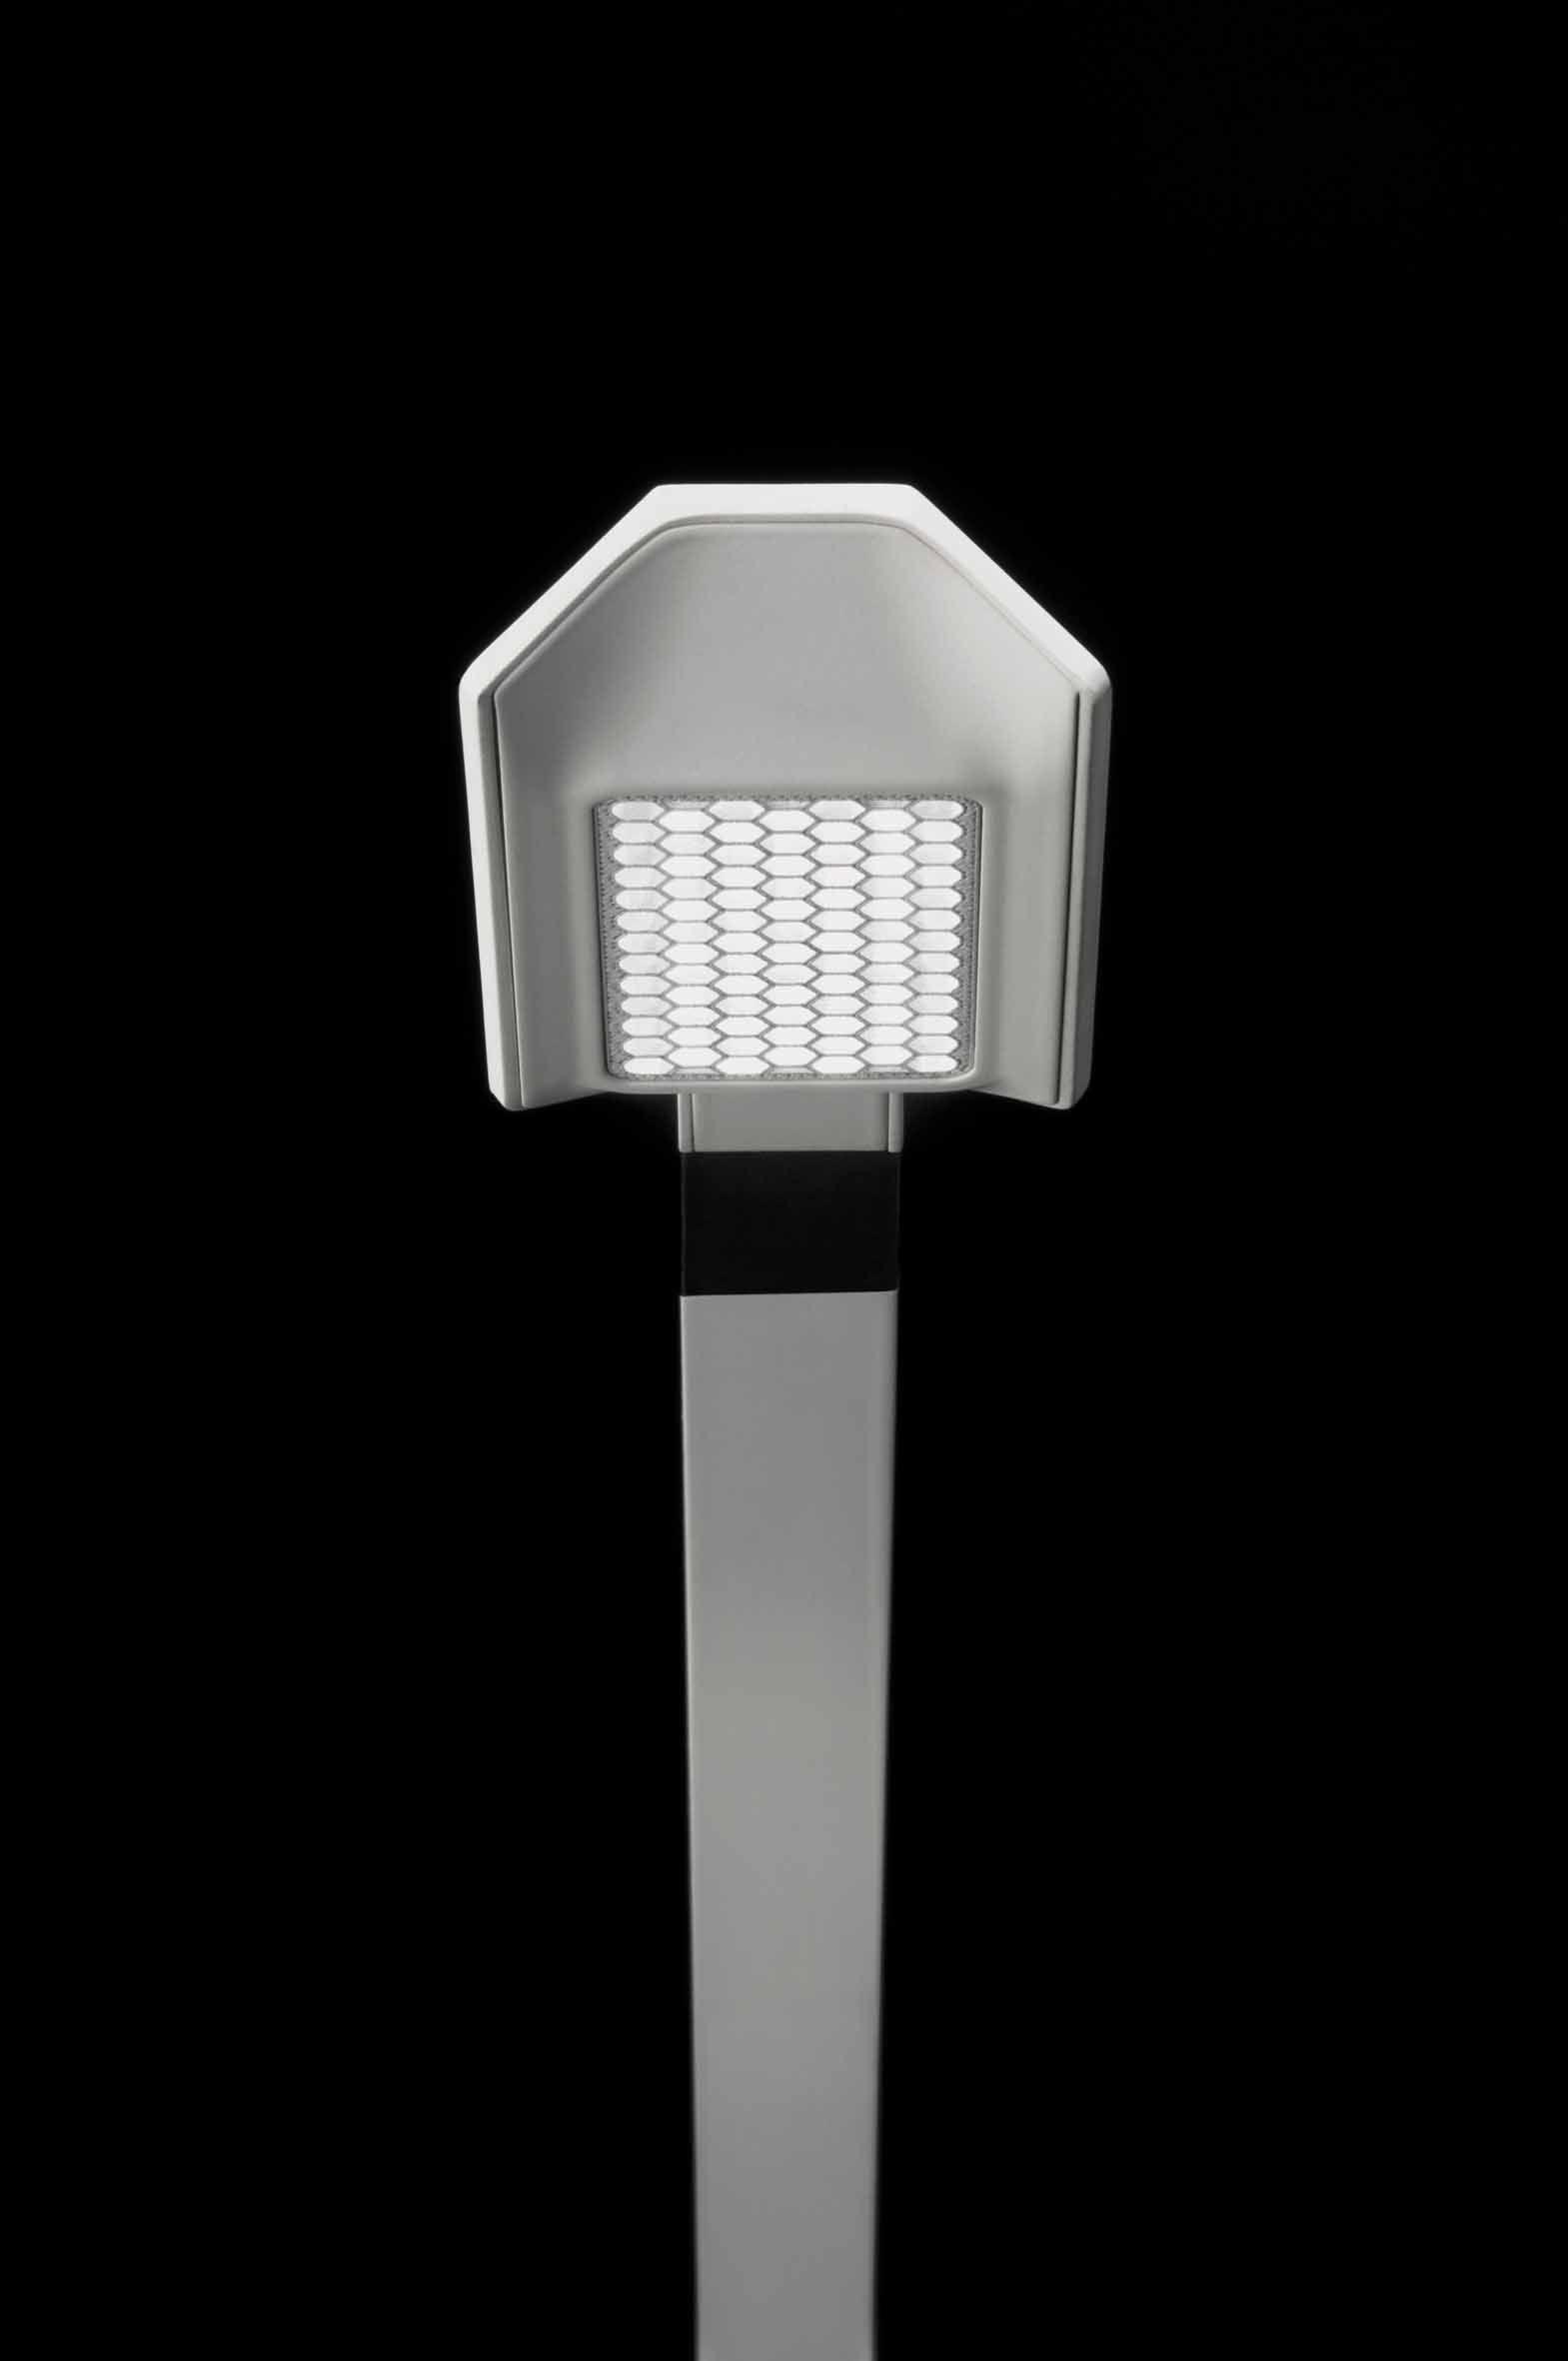 Lampada da tavolo a led con braccio flessibile flex by vibia design ramos bassols - Lampada da tavolo a led ...